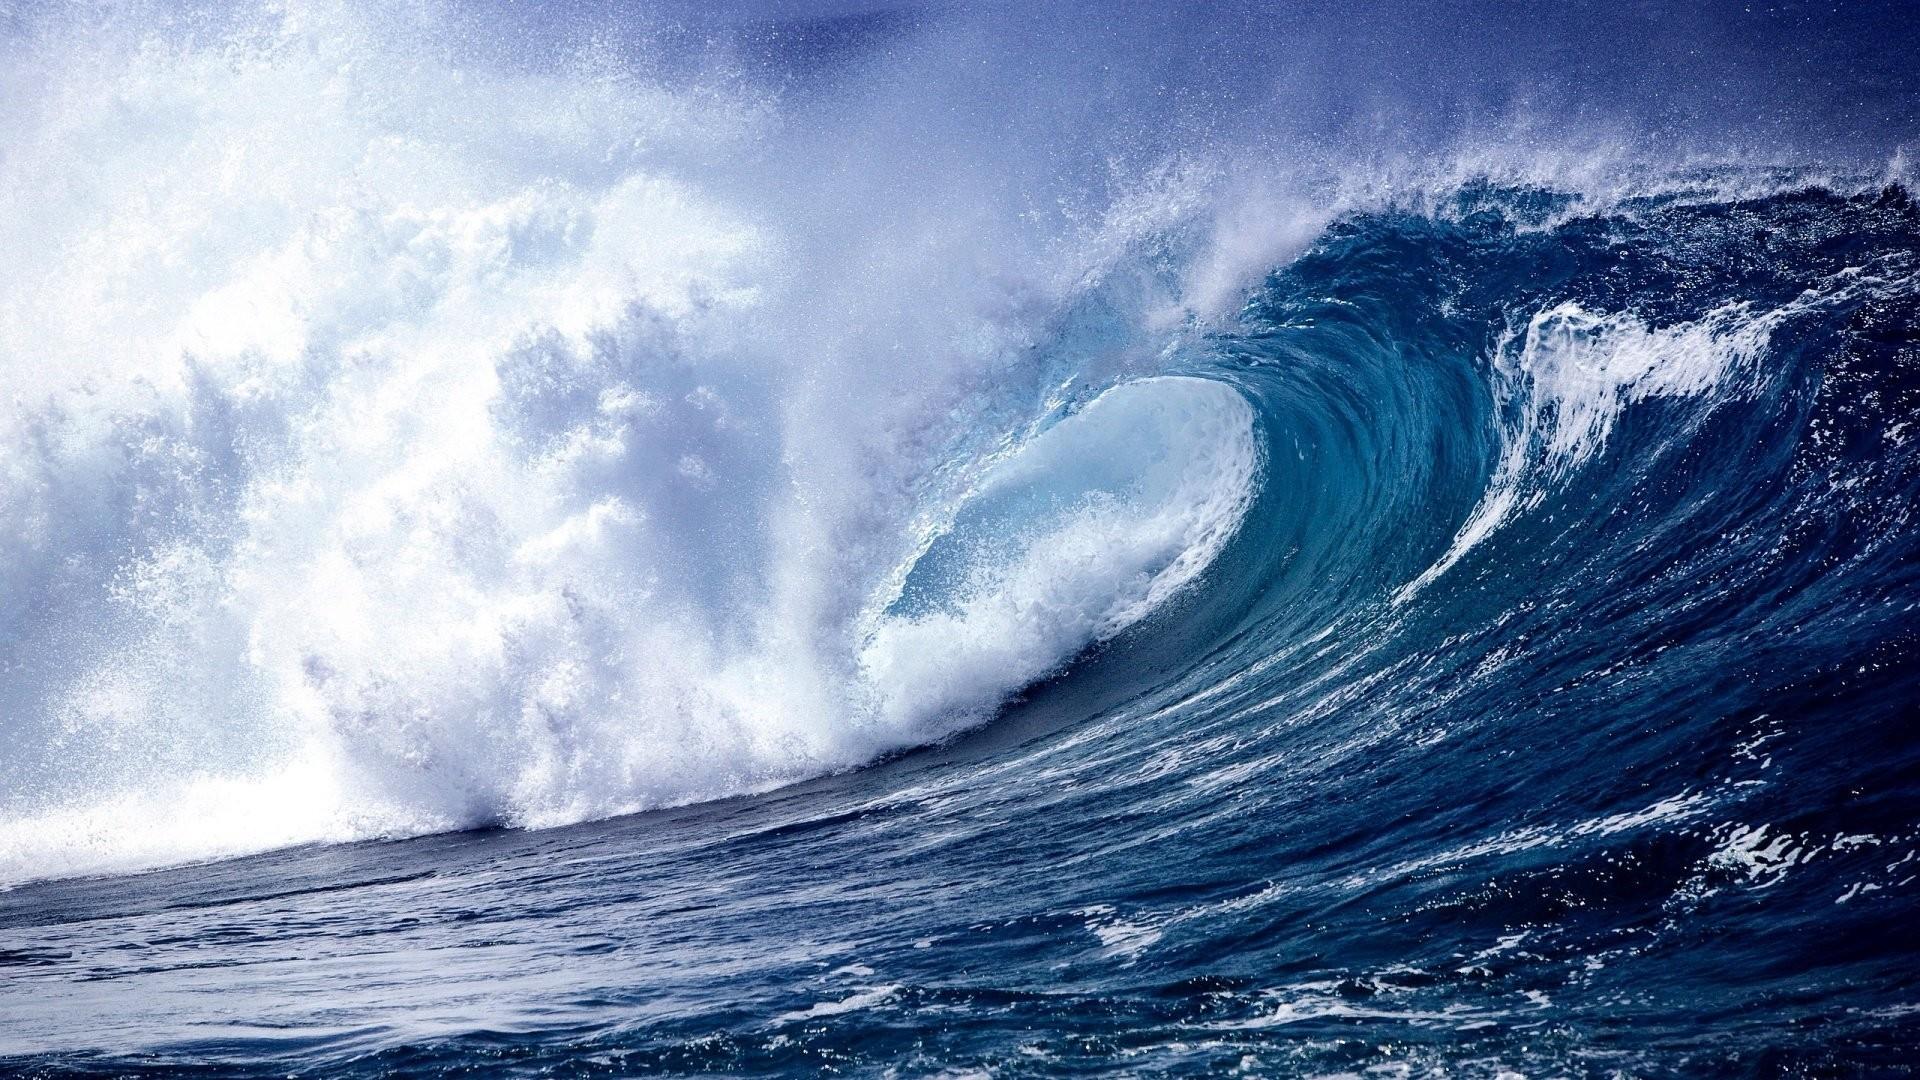 Ocean Nature hd wallpaper download